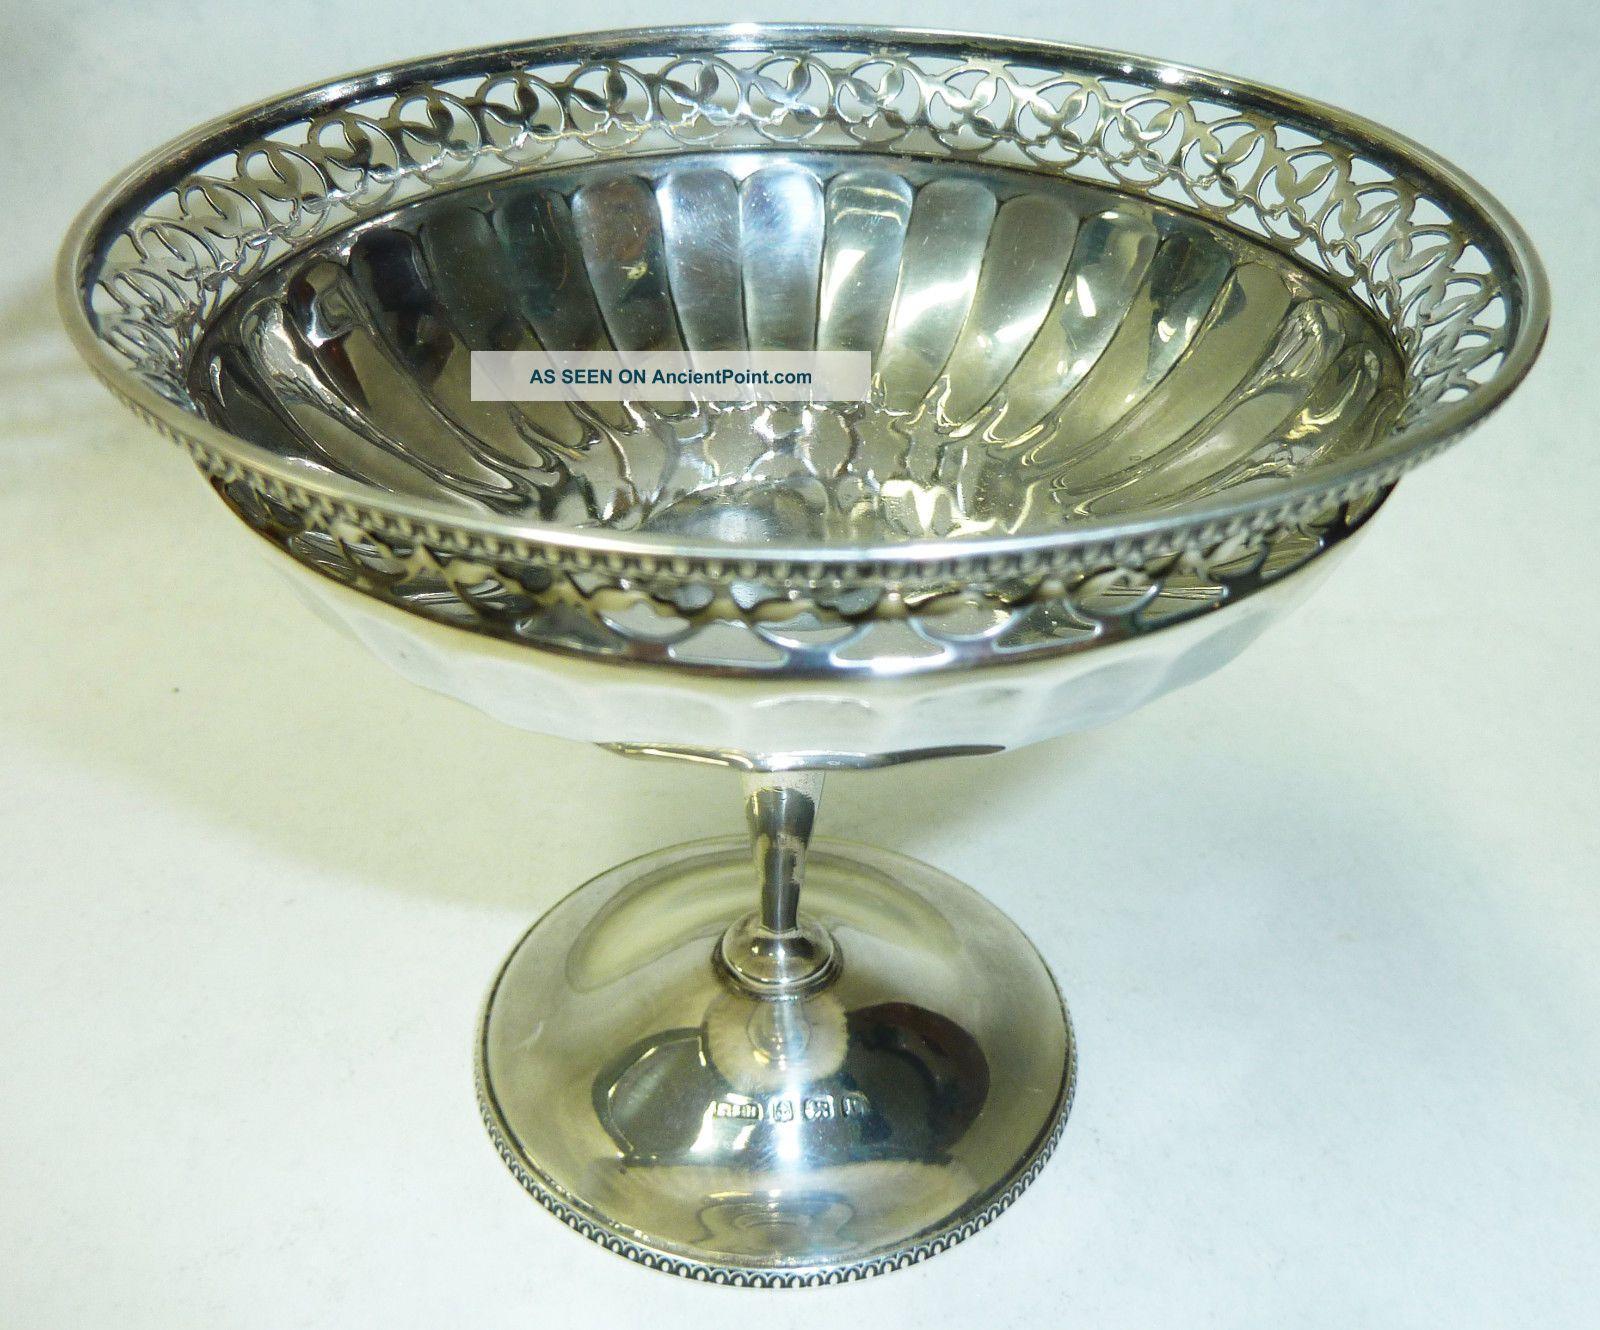 Antique Solid Silver Pedestal Bon Bon Dish - Birmingham 1916 - 138g Cups & Goblets photo